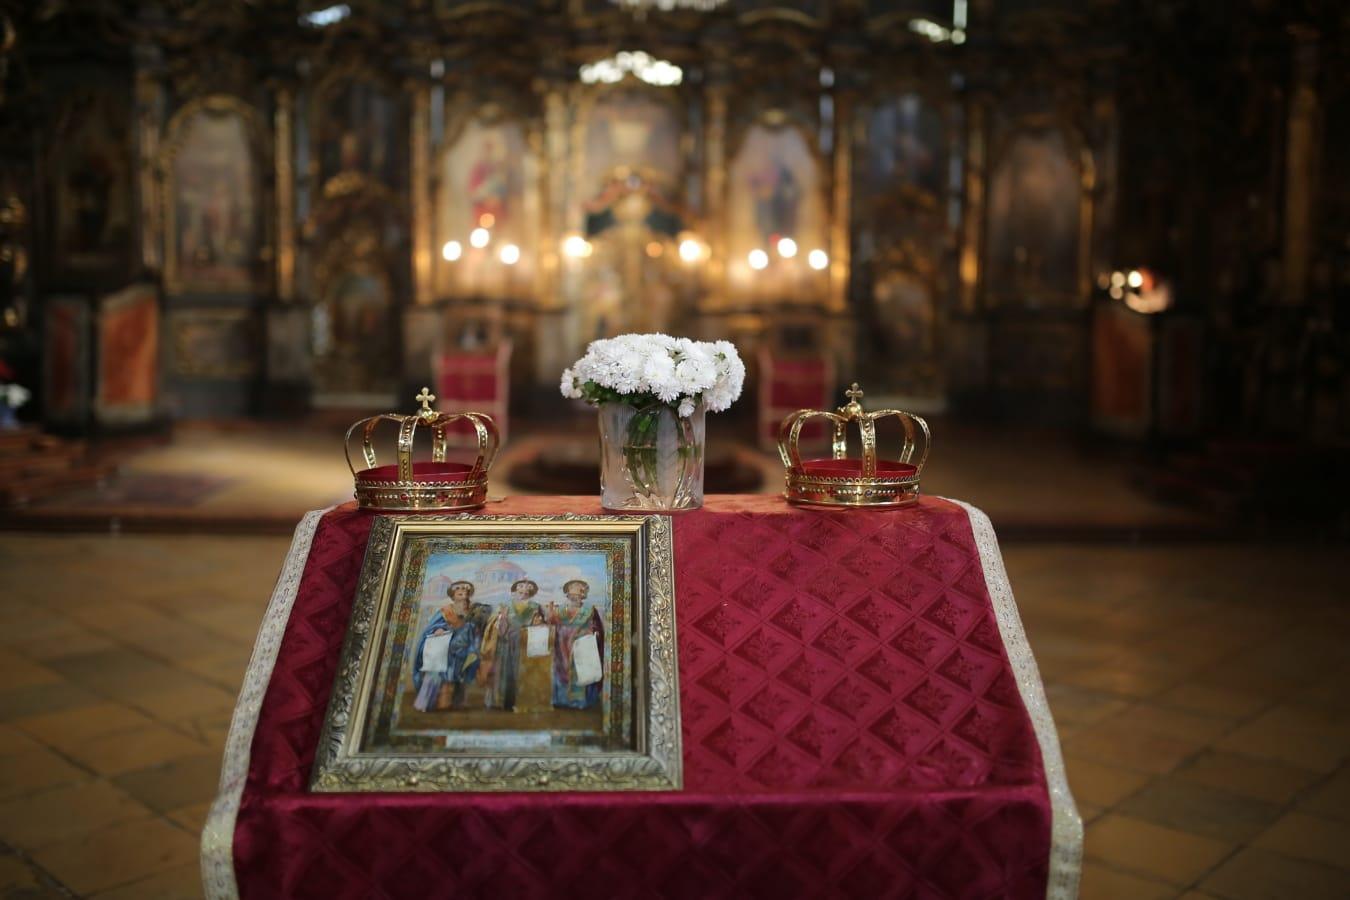 Serbie, orthodoxe, Église, autel, icône, Saint, couronnement, Couronne, bougie, structure